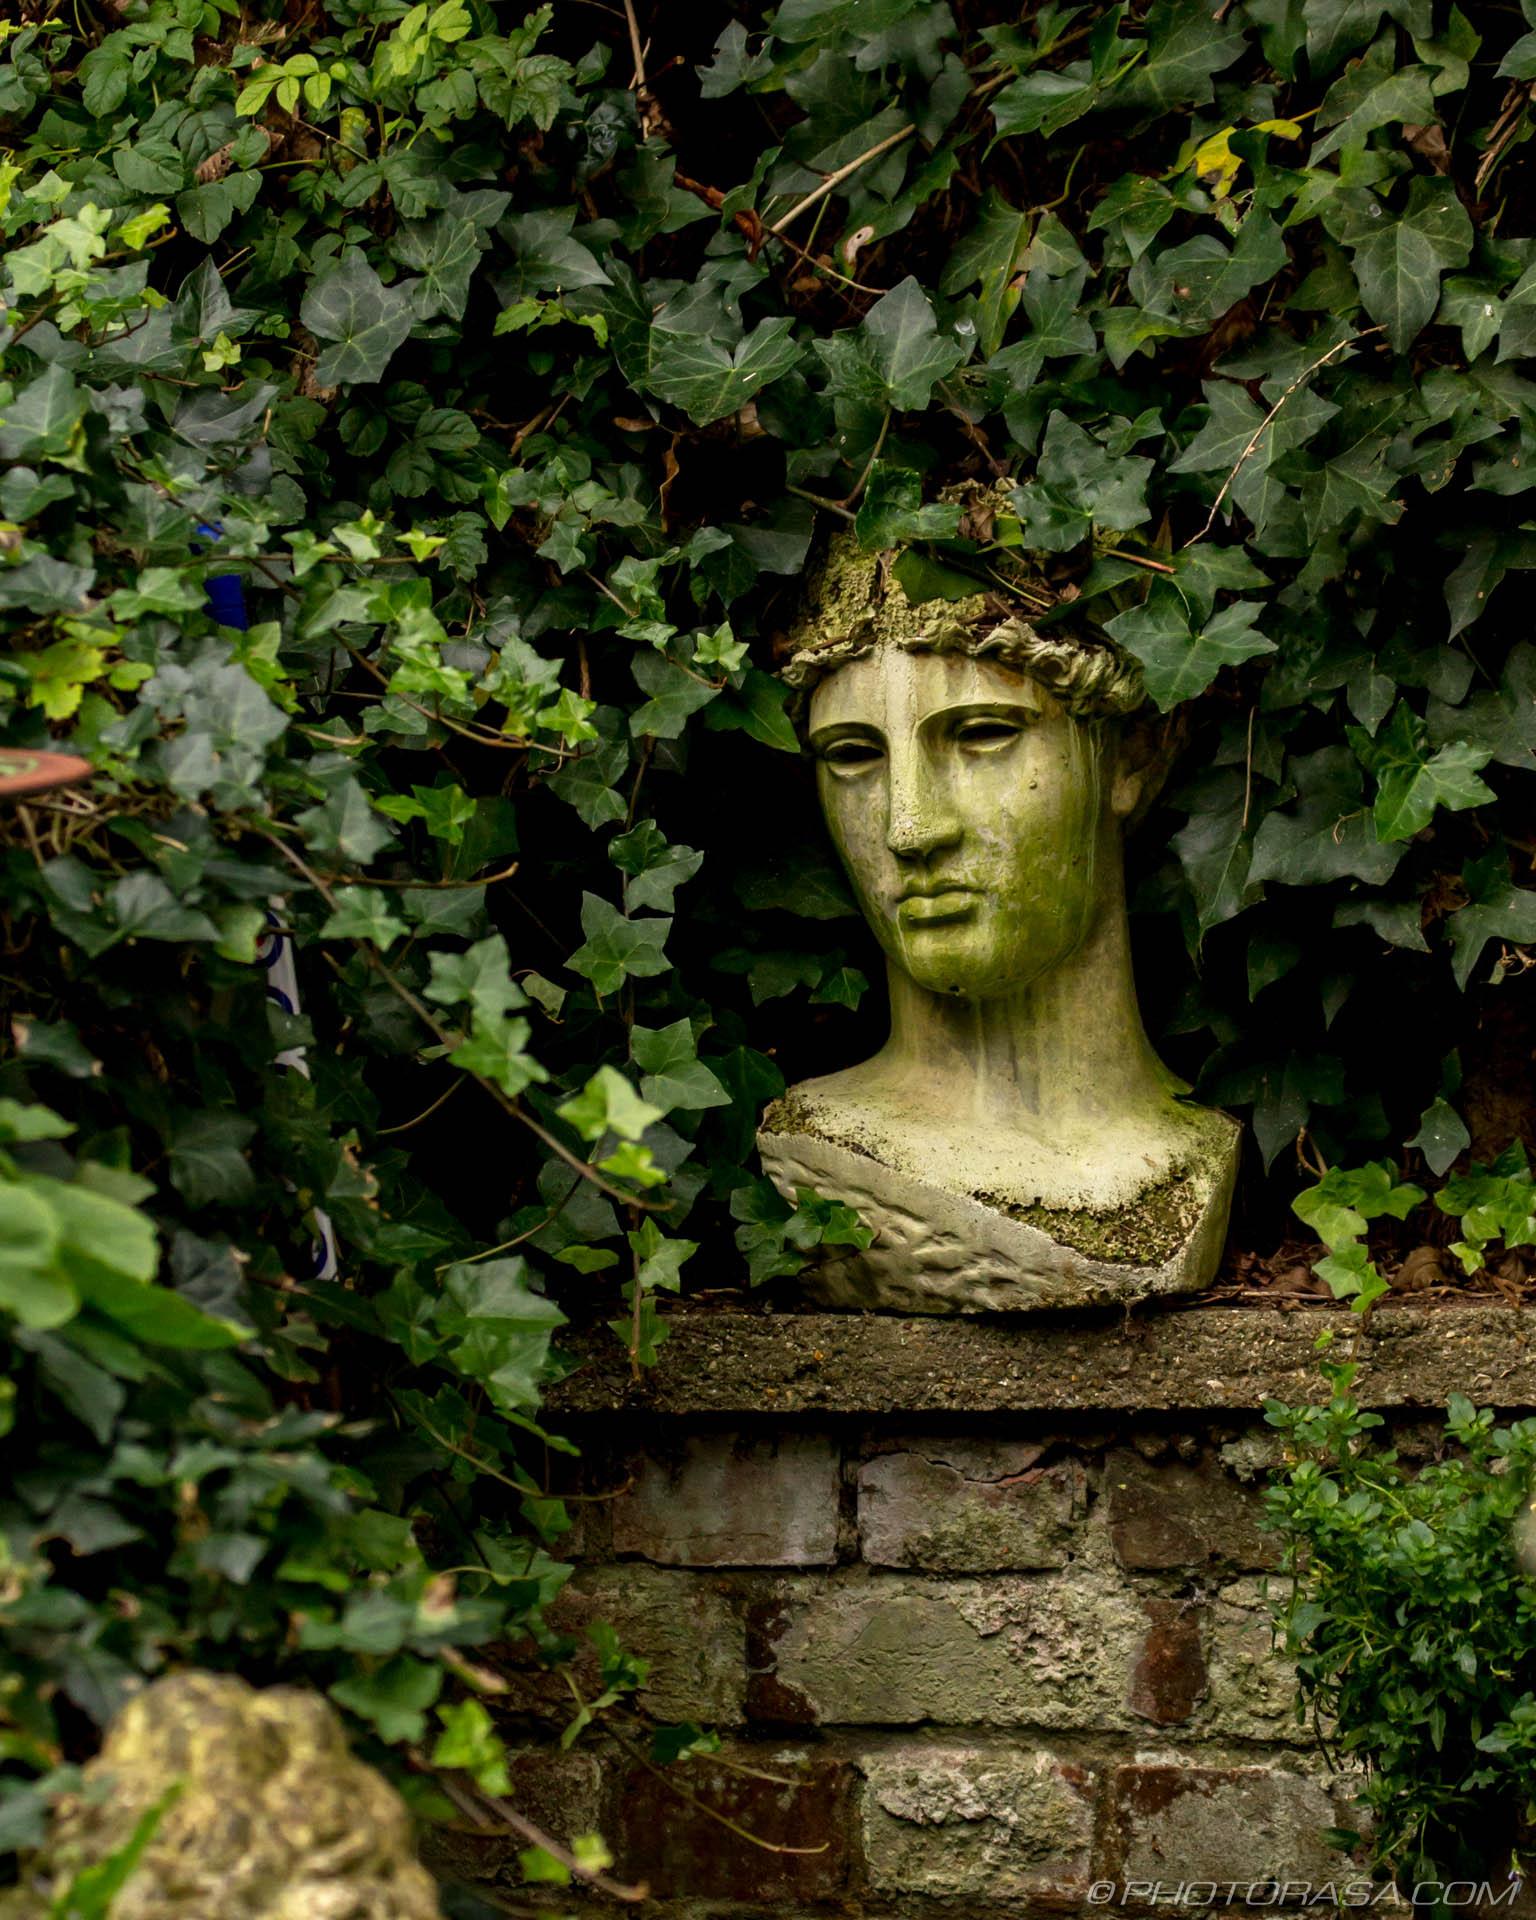 https://photorasa.com/garden-sculptures/roman-statue-head-in-vines/